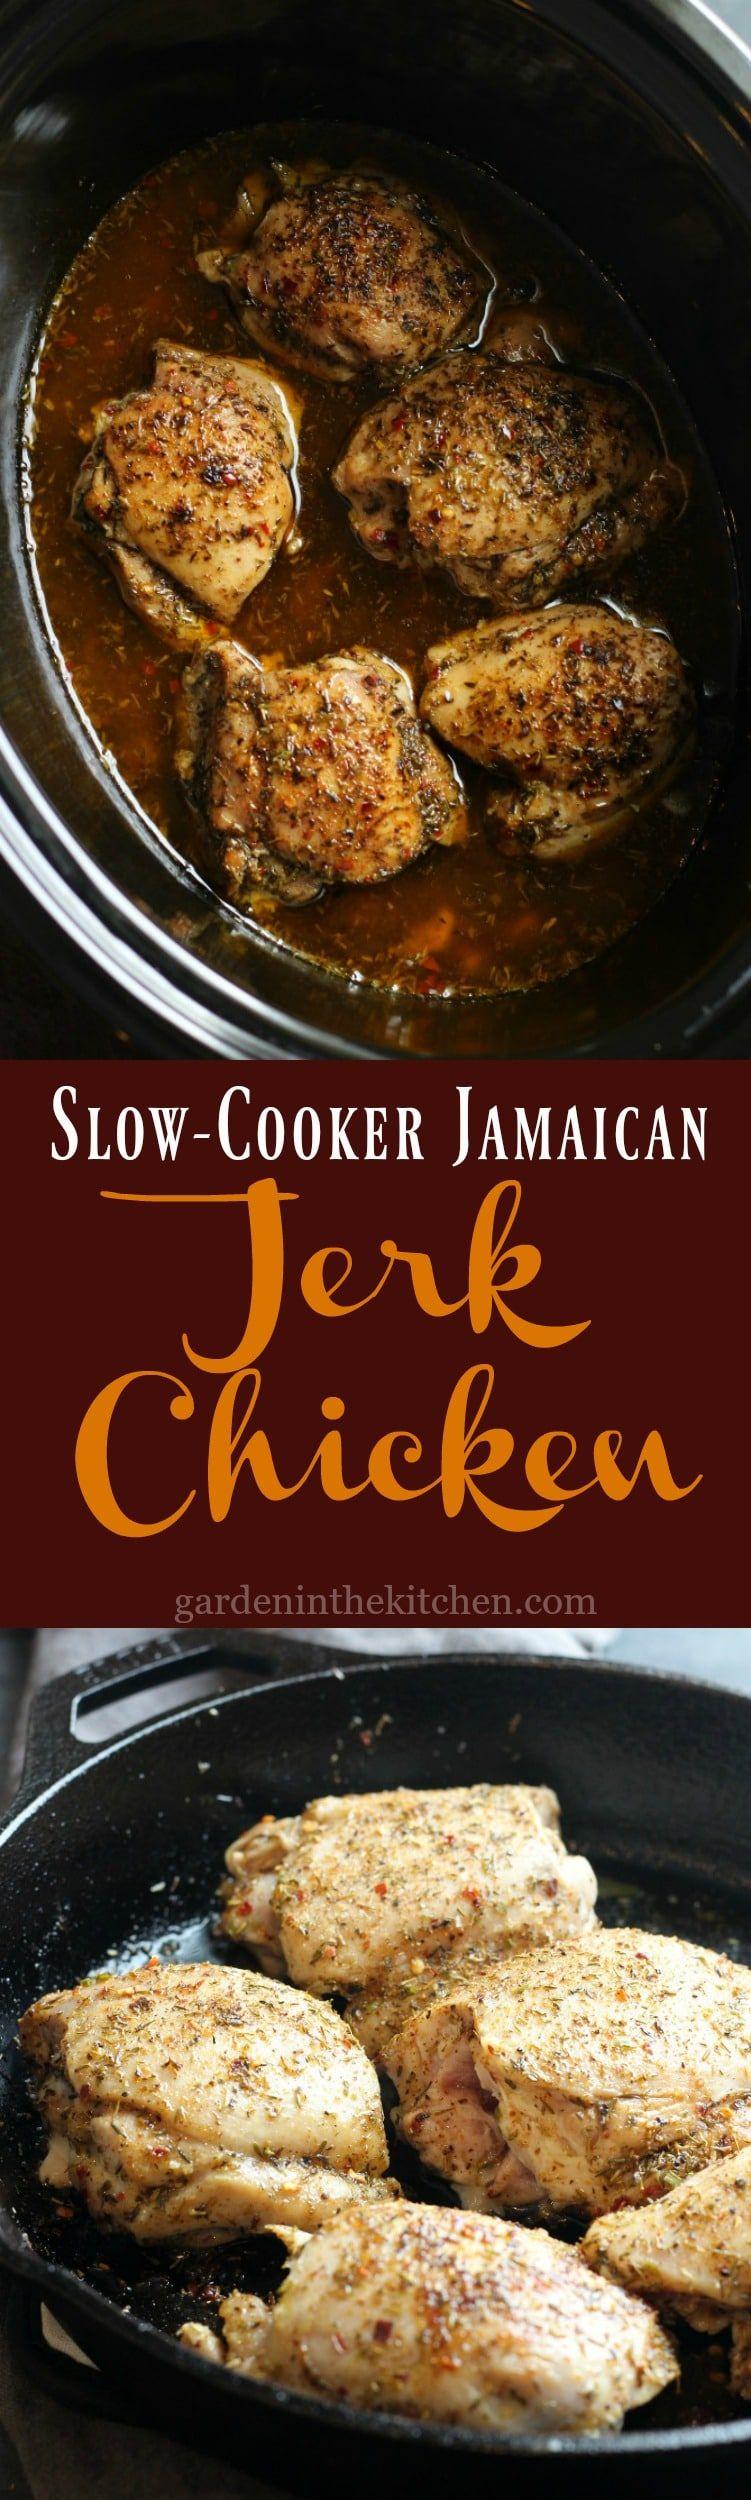 Slow Cooker Jamaican Jerk Chicken | Recipe | Slow cooker ...